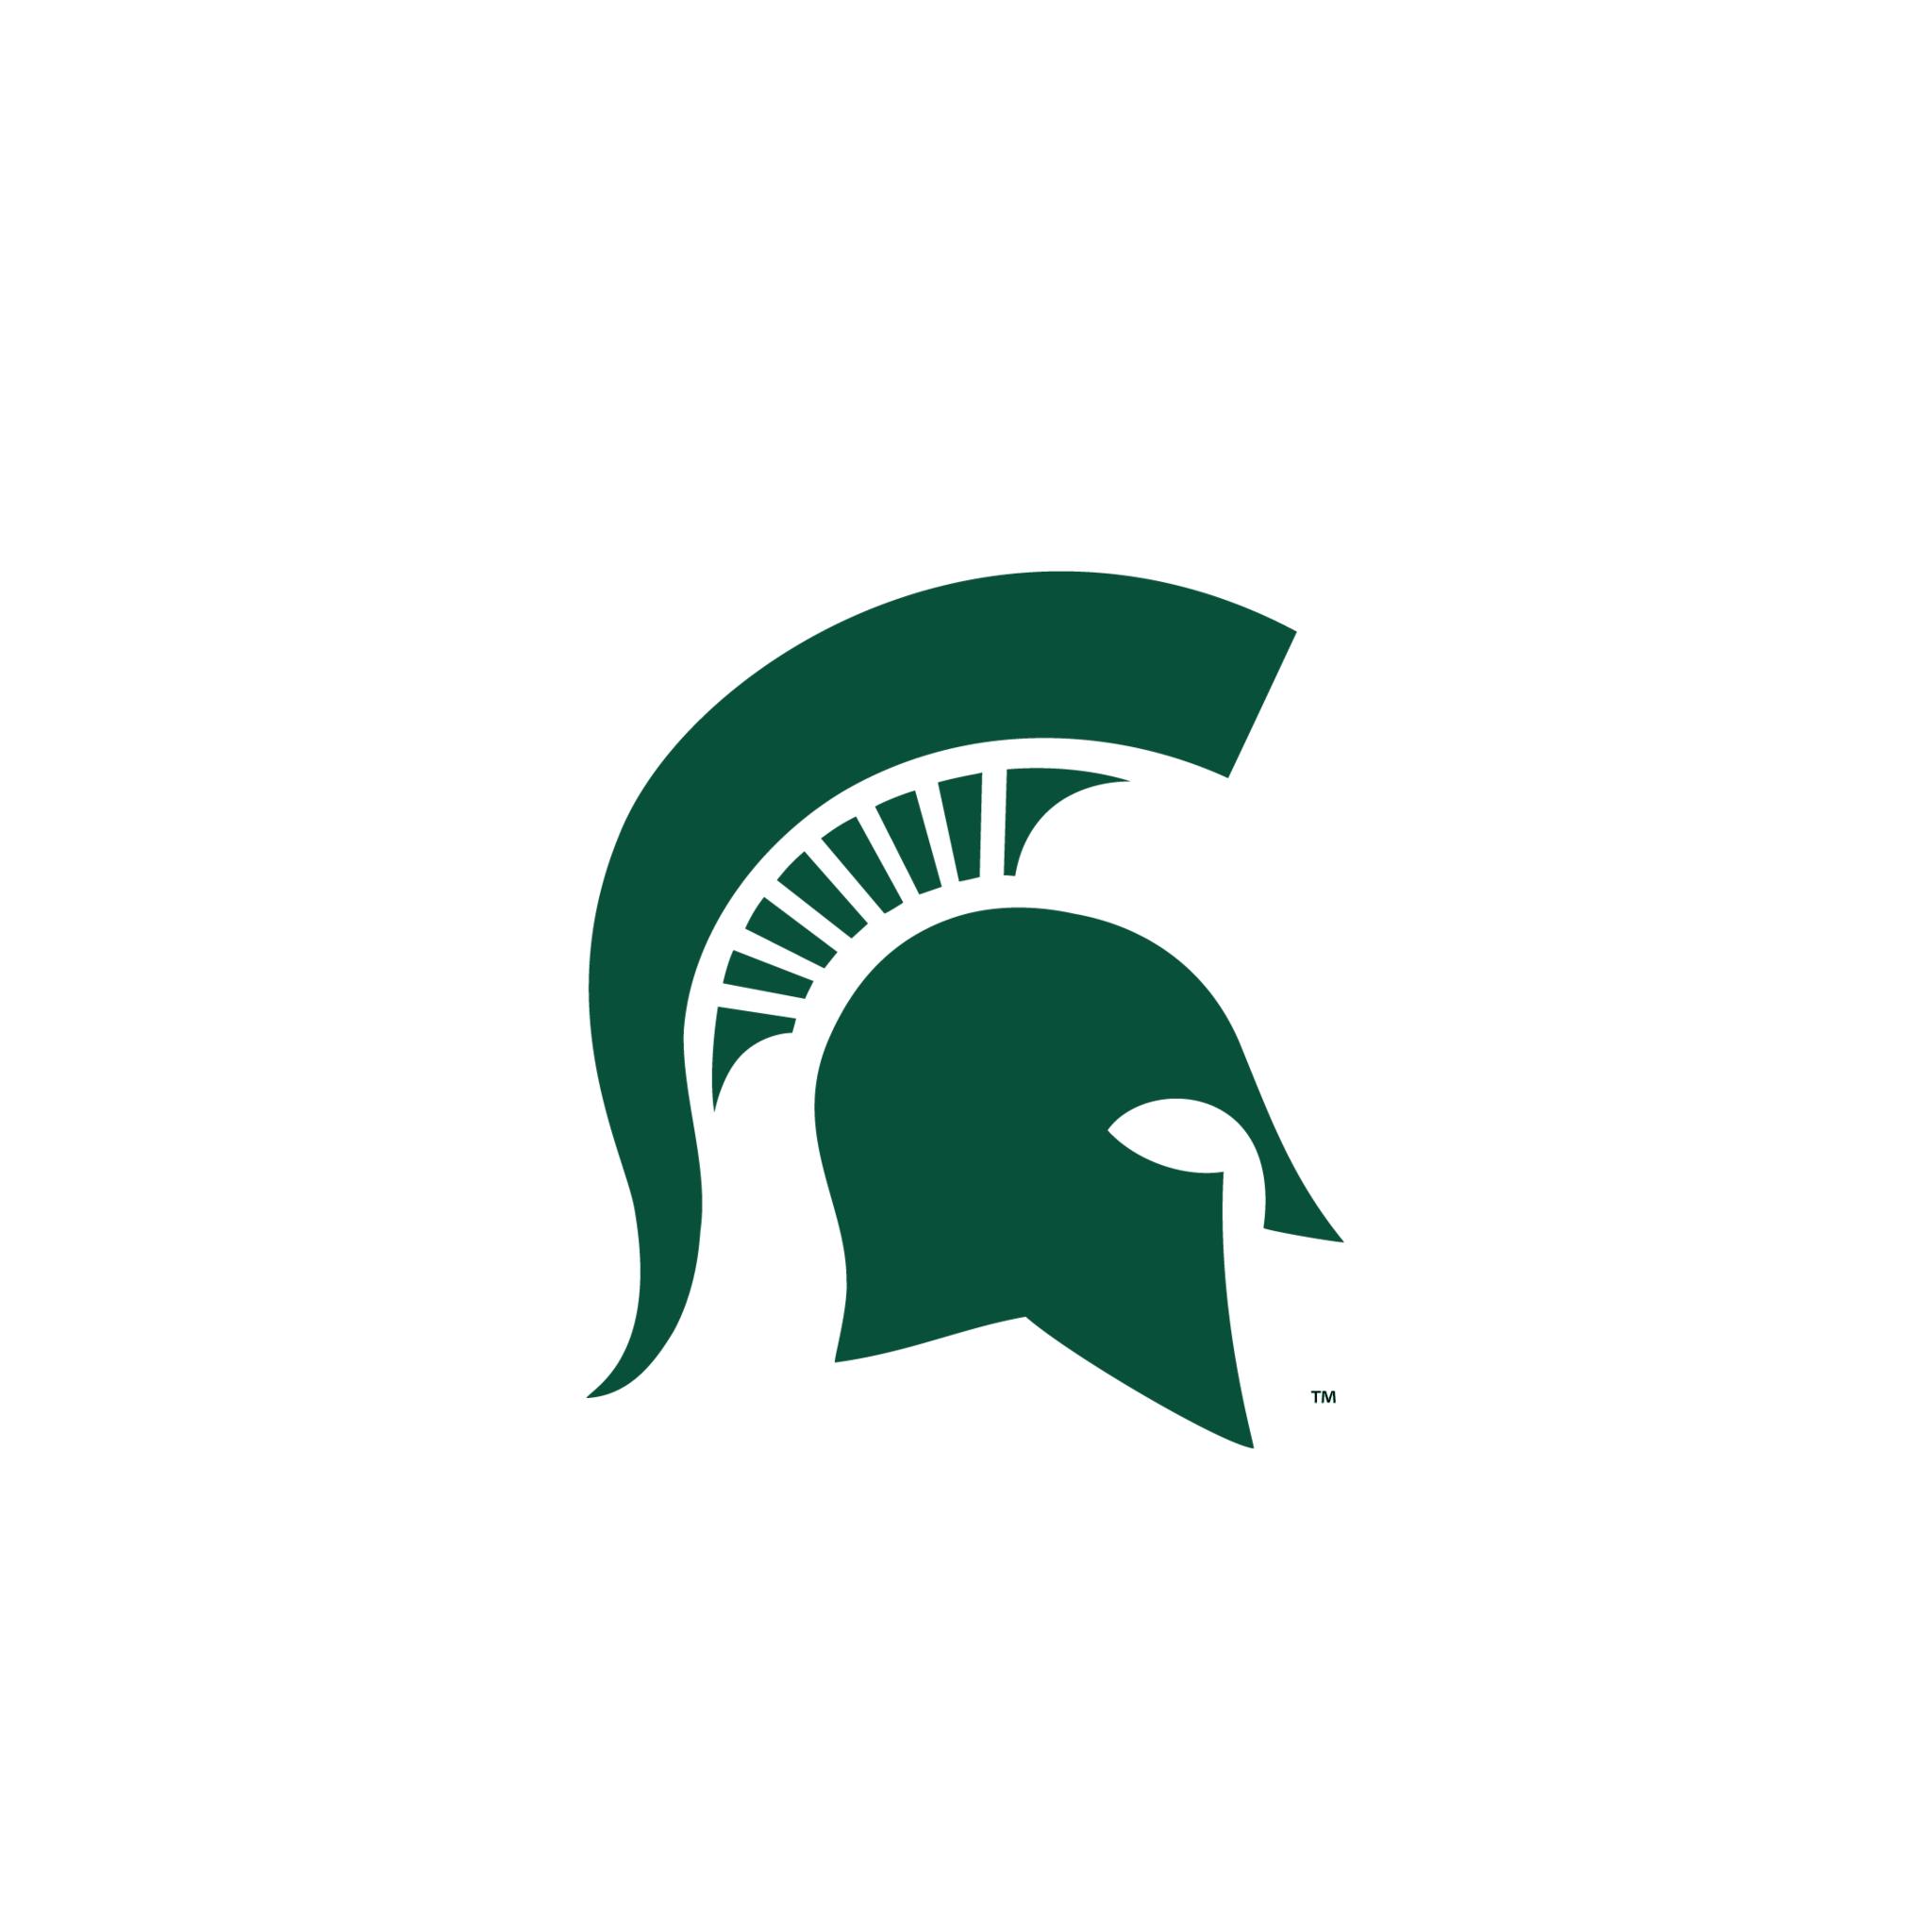 Wallpaper Michigan State Spartans Michigan State University Basketball Michigan State Baseball